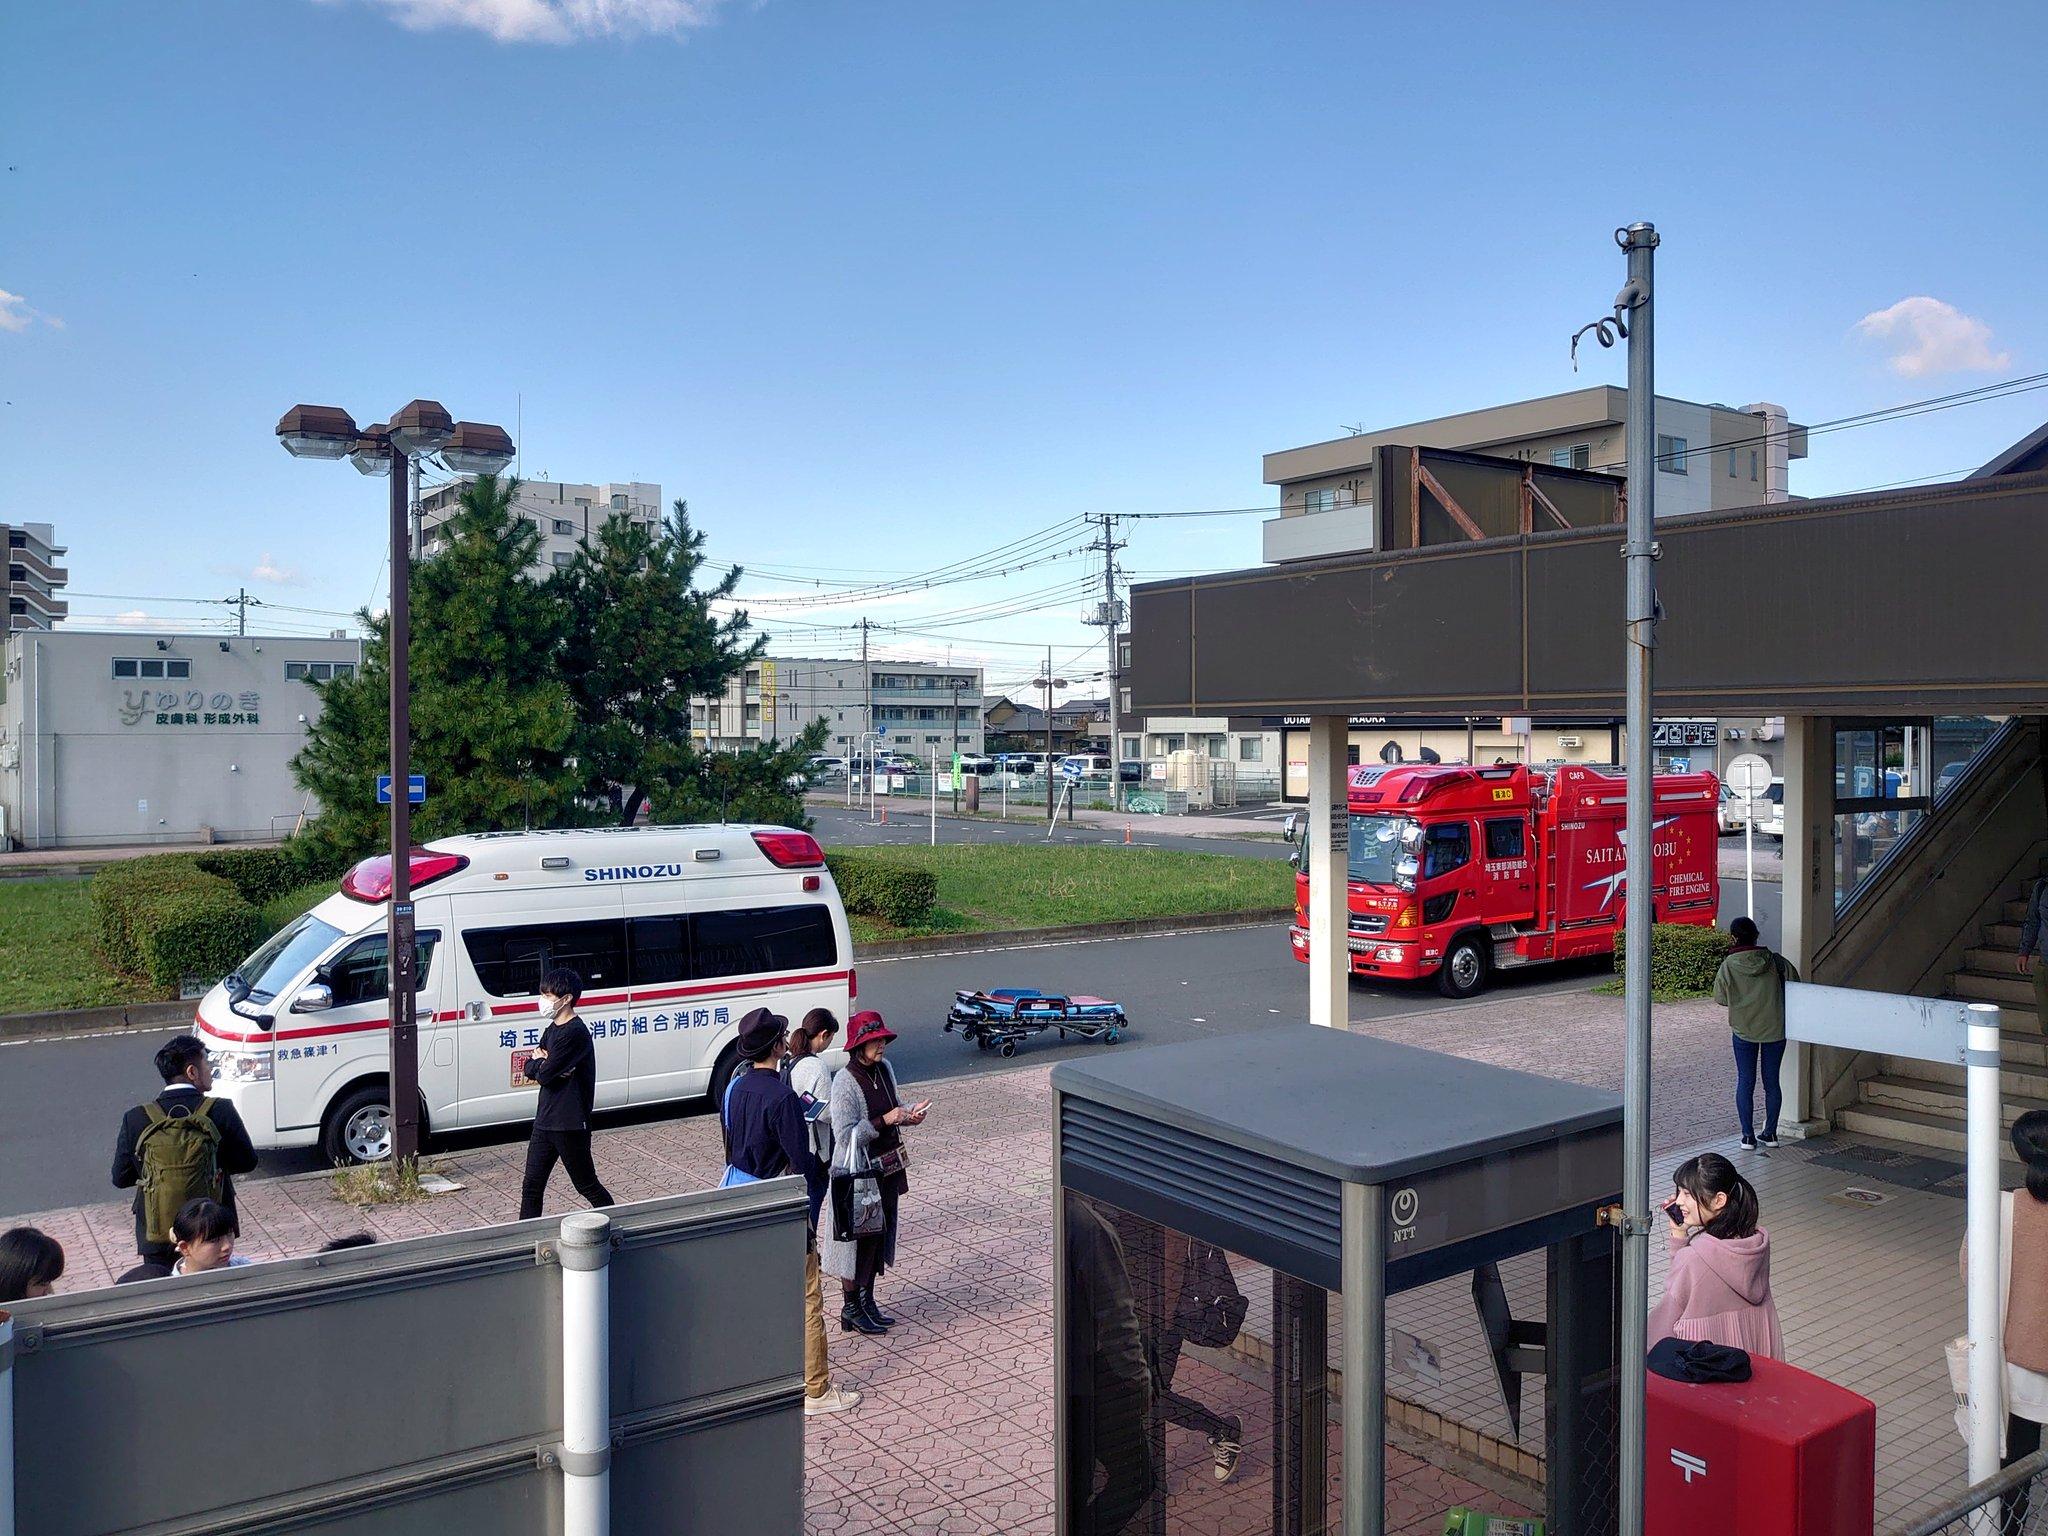 宇都宮線の新白岡駅の人身事故で緊急車両が集結している現場の画像